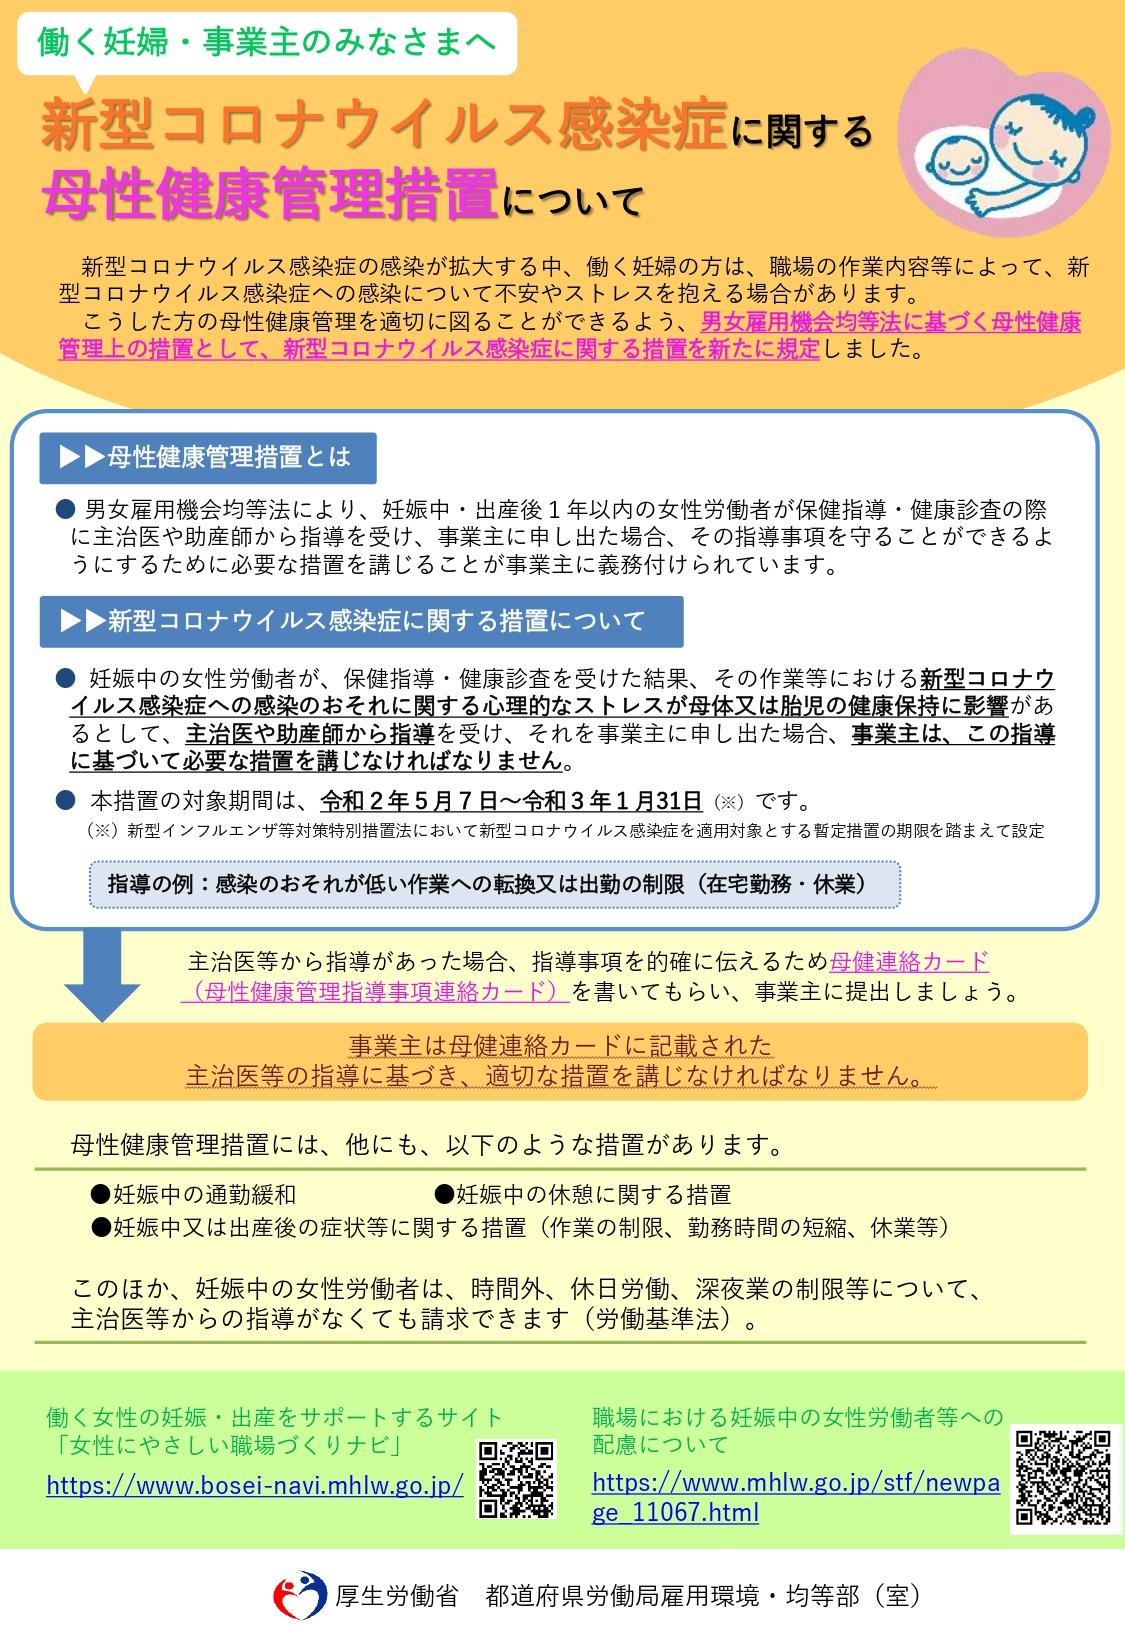 母性健康管理措置について(1)